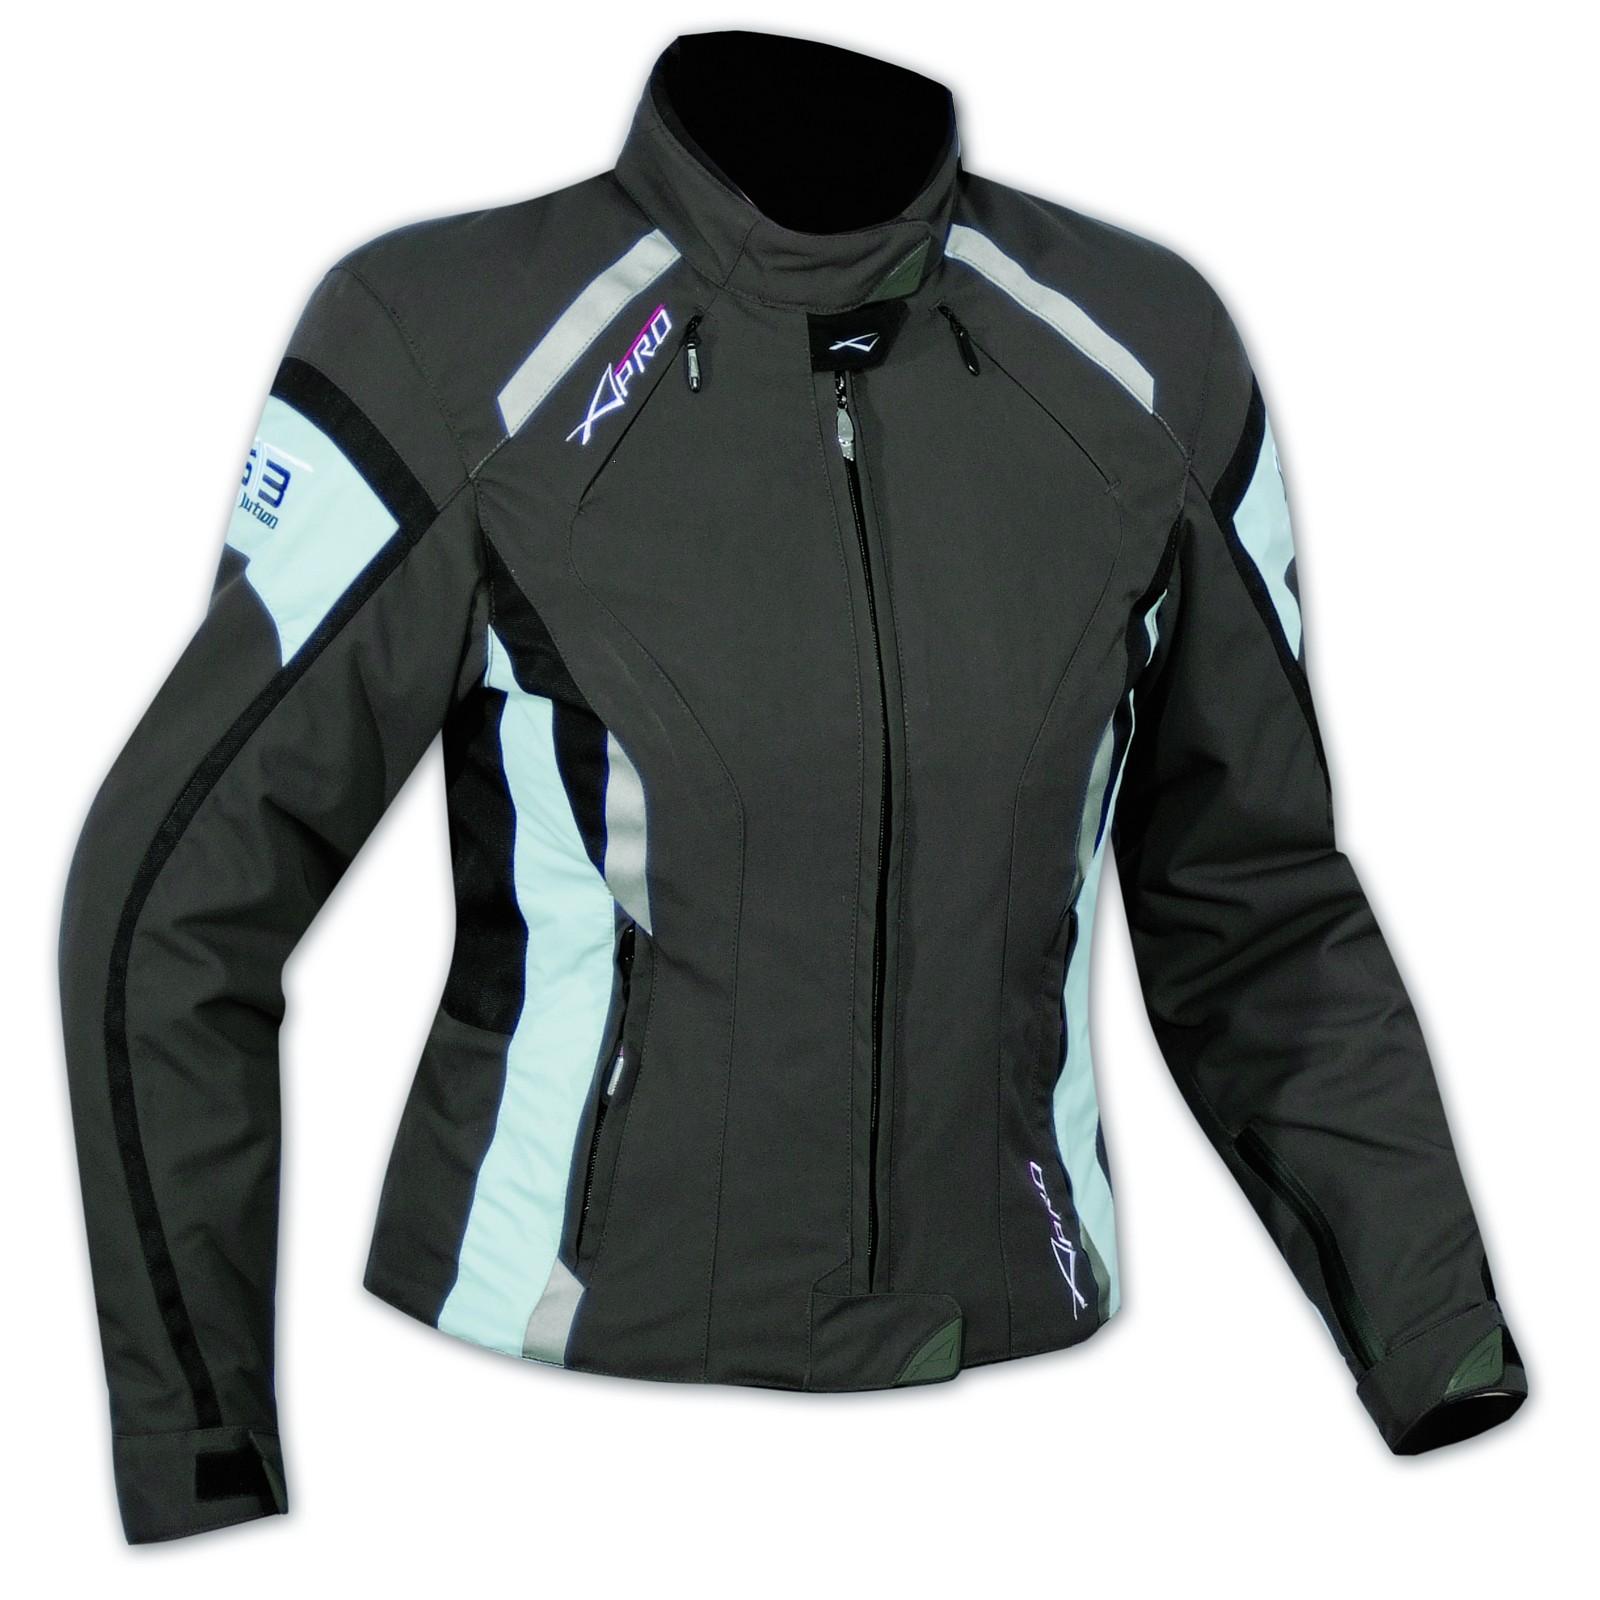 Donna Abbigliamento Moto Accessori Impermeabile Giacca 4 Moto e qX1wHSX